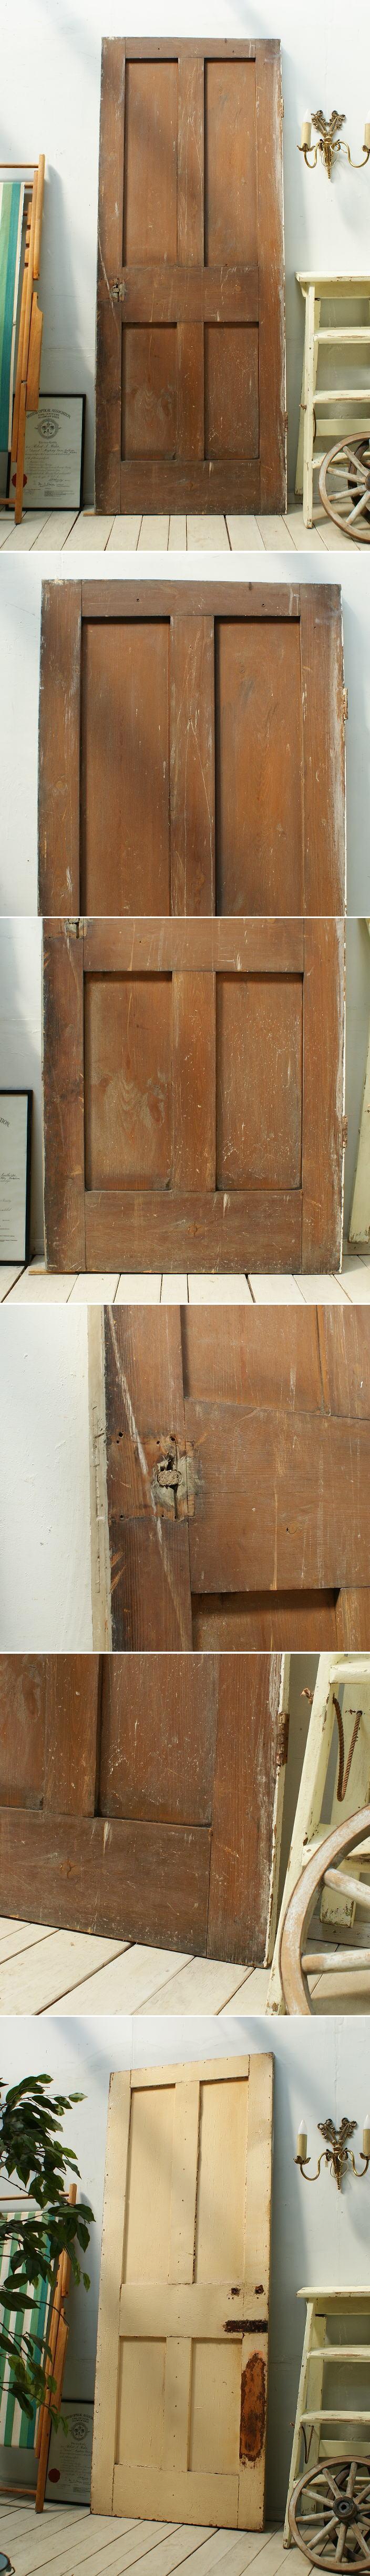 イギリス アンティーク 木製ドア 扉 ディスプレイ 建具 3073